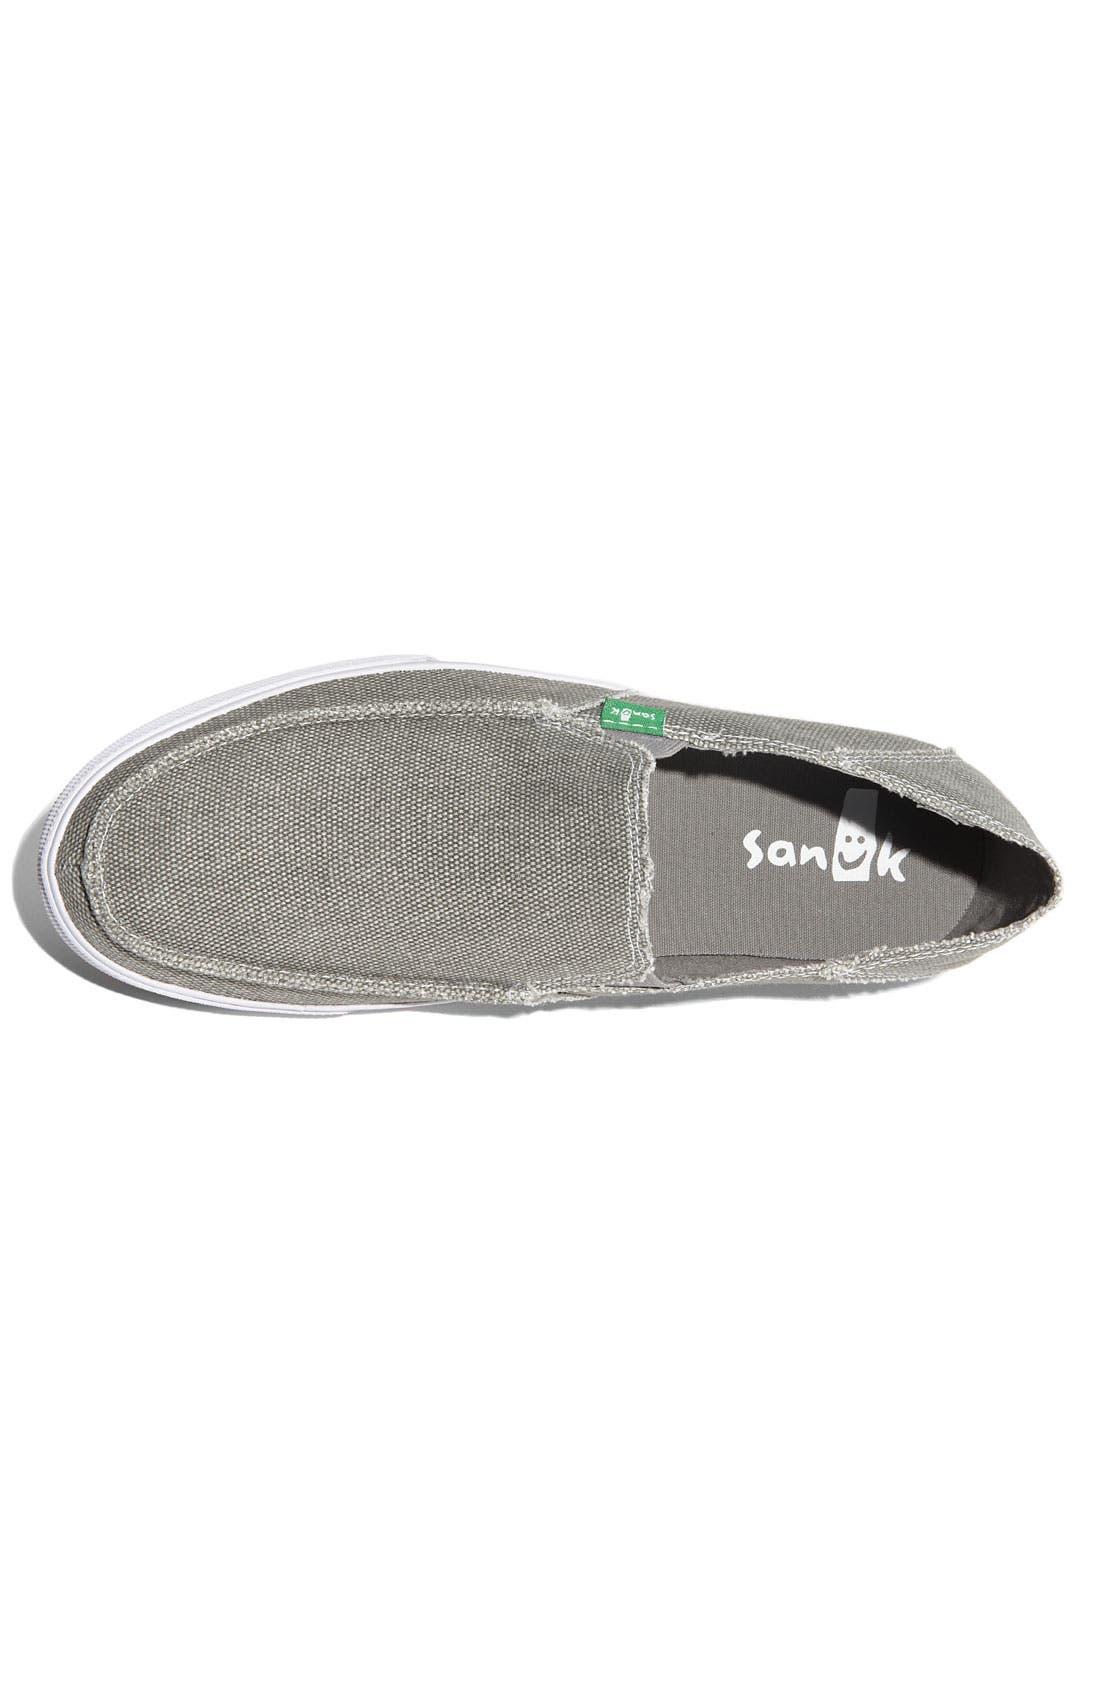 Alternate Image 2  - Sanuk 'Standard' Slip-On